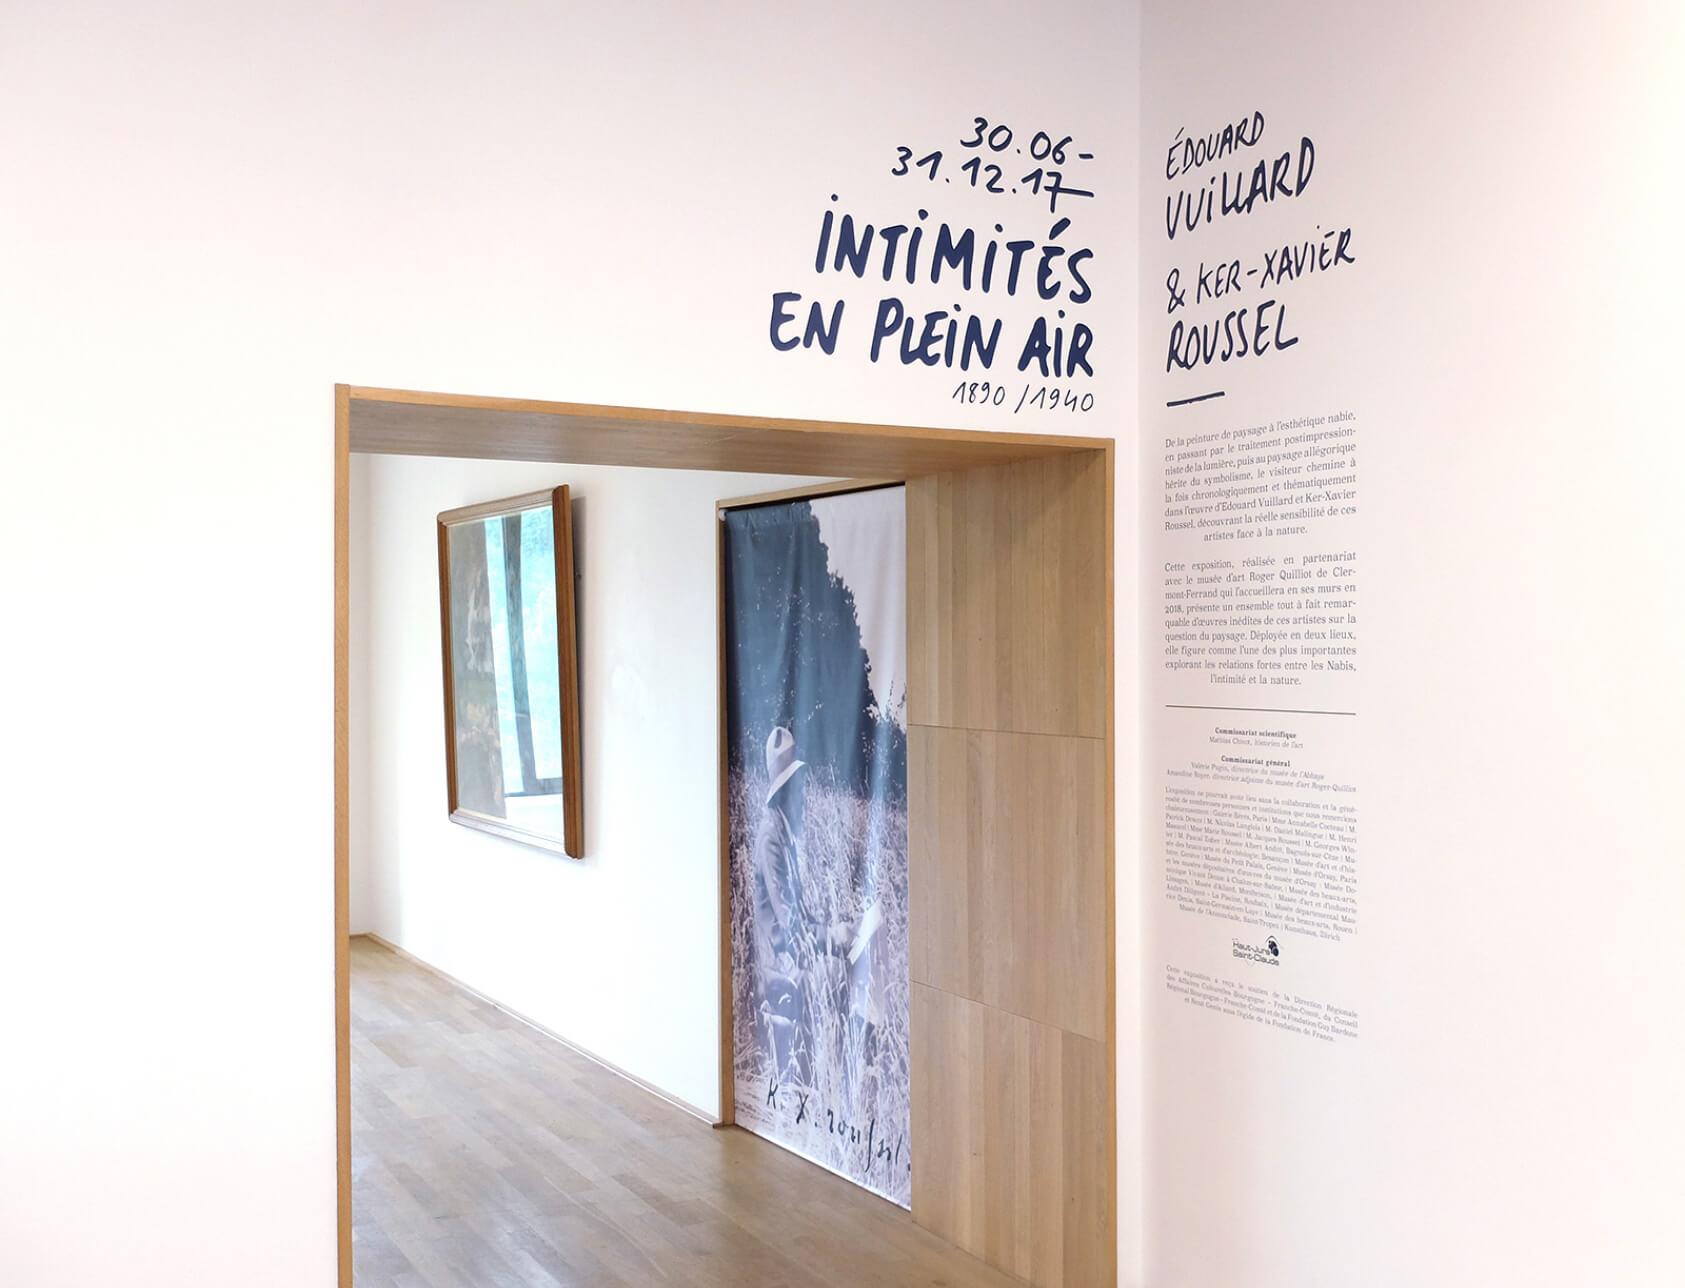 signalétique de l'exposition du musée de l'abbaye